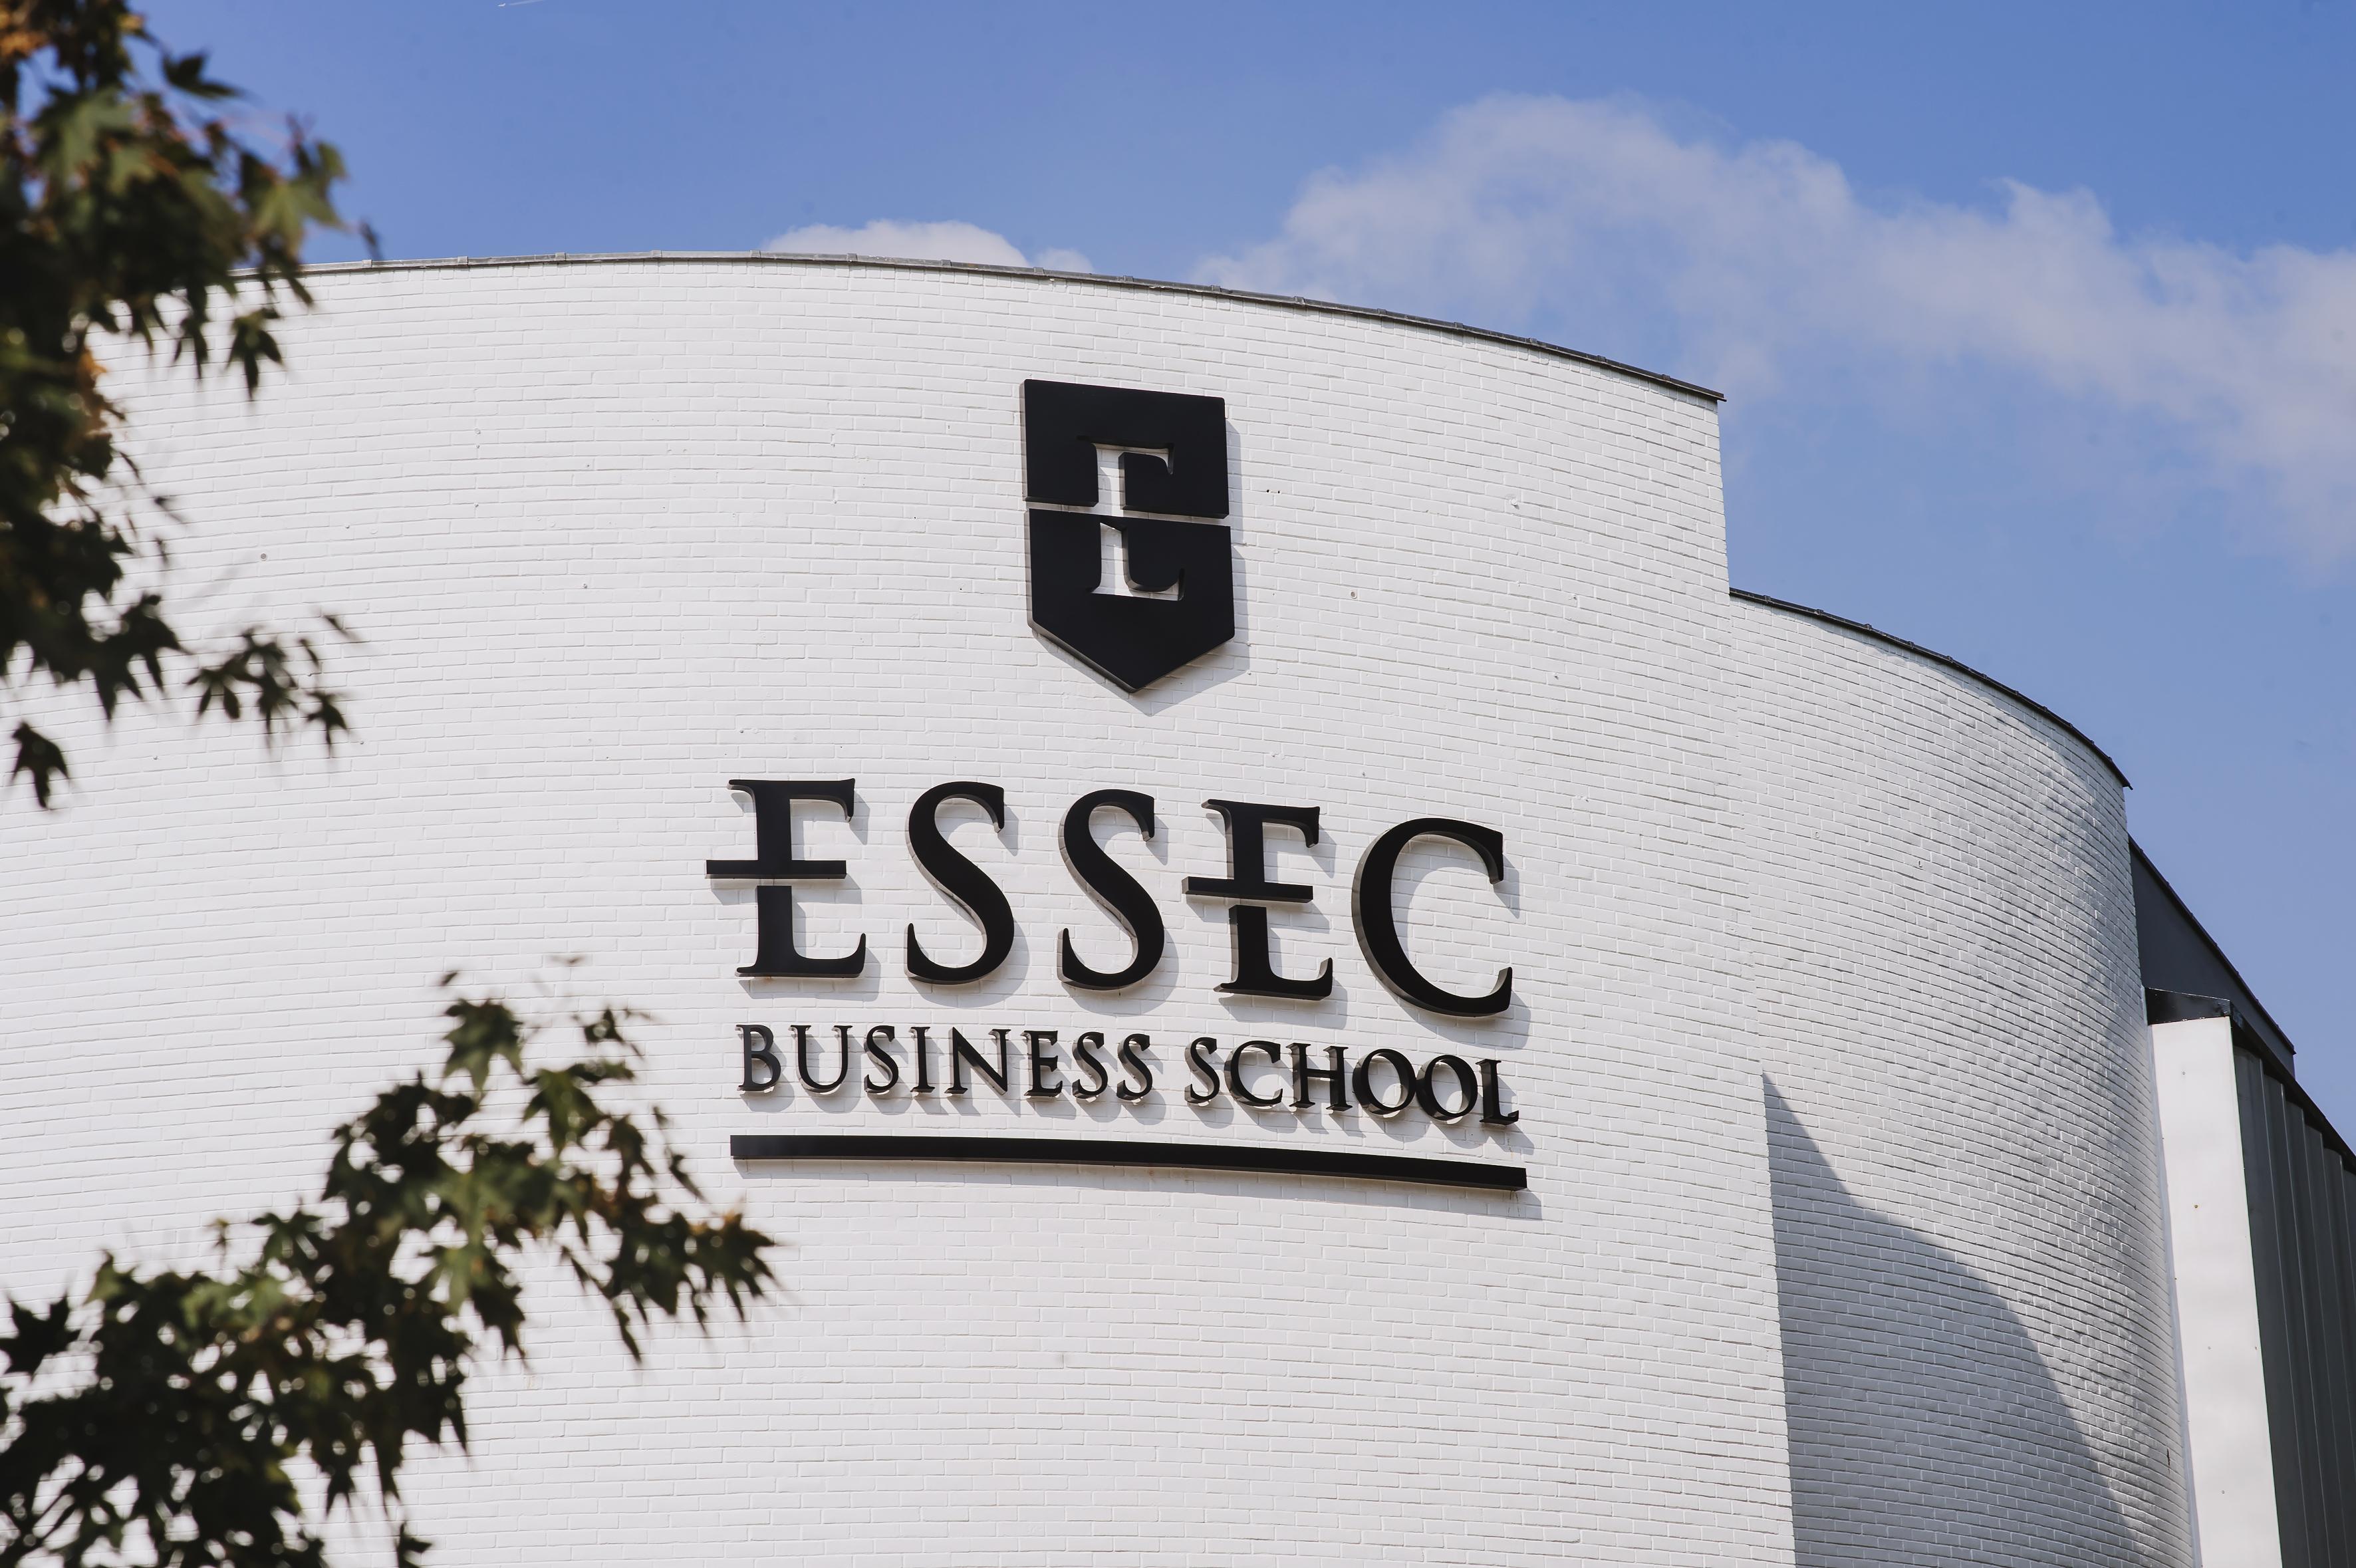 MySezame et la Chaire Innovation et Entrepreneuriat social de l'ESSEC s'associent pour lancer une formation sur l'innovation sociale